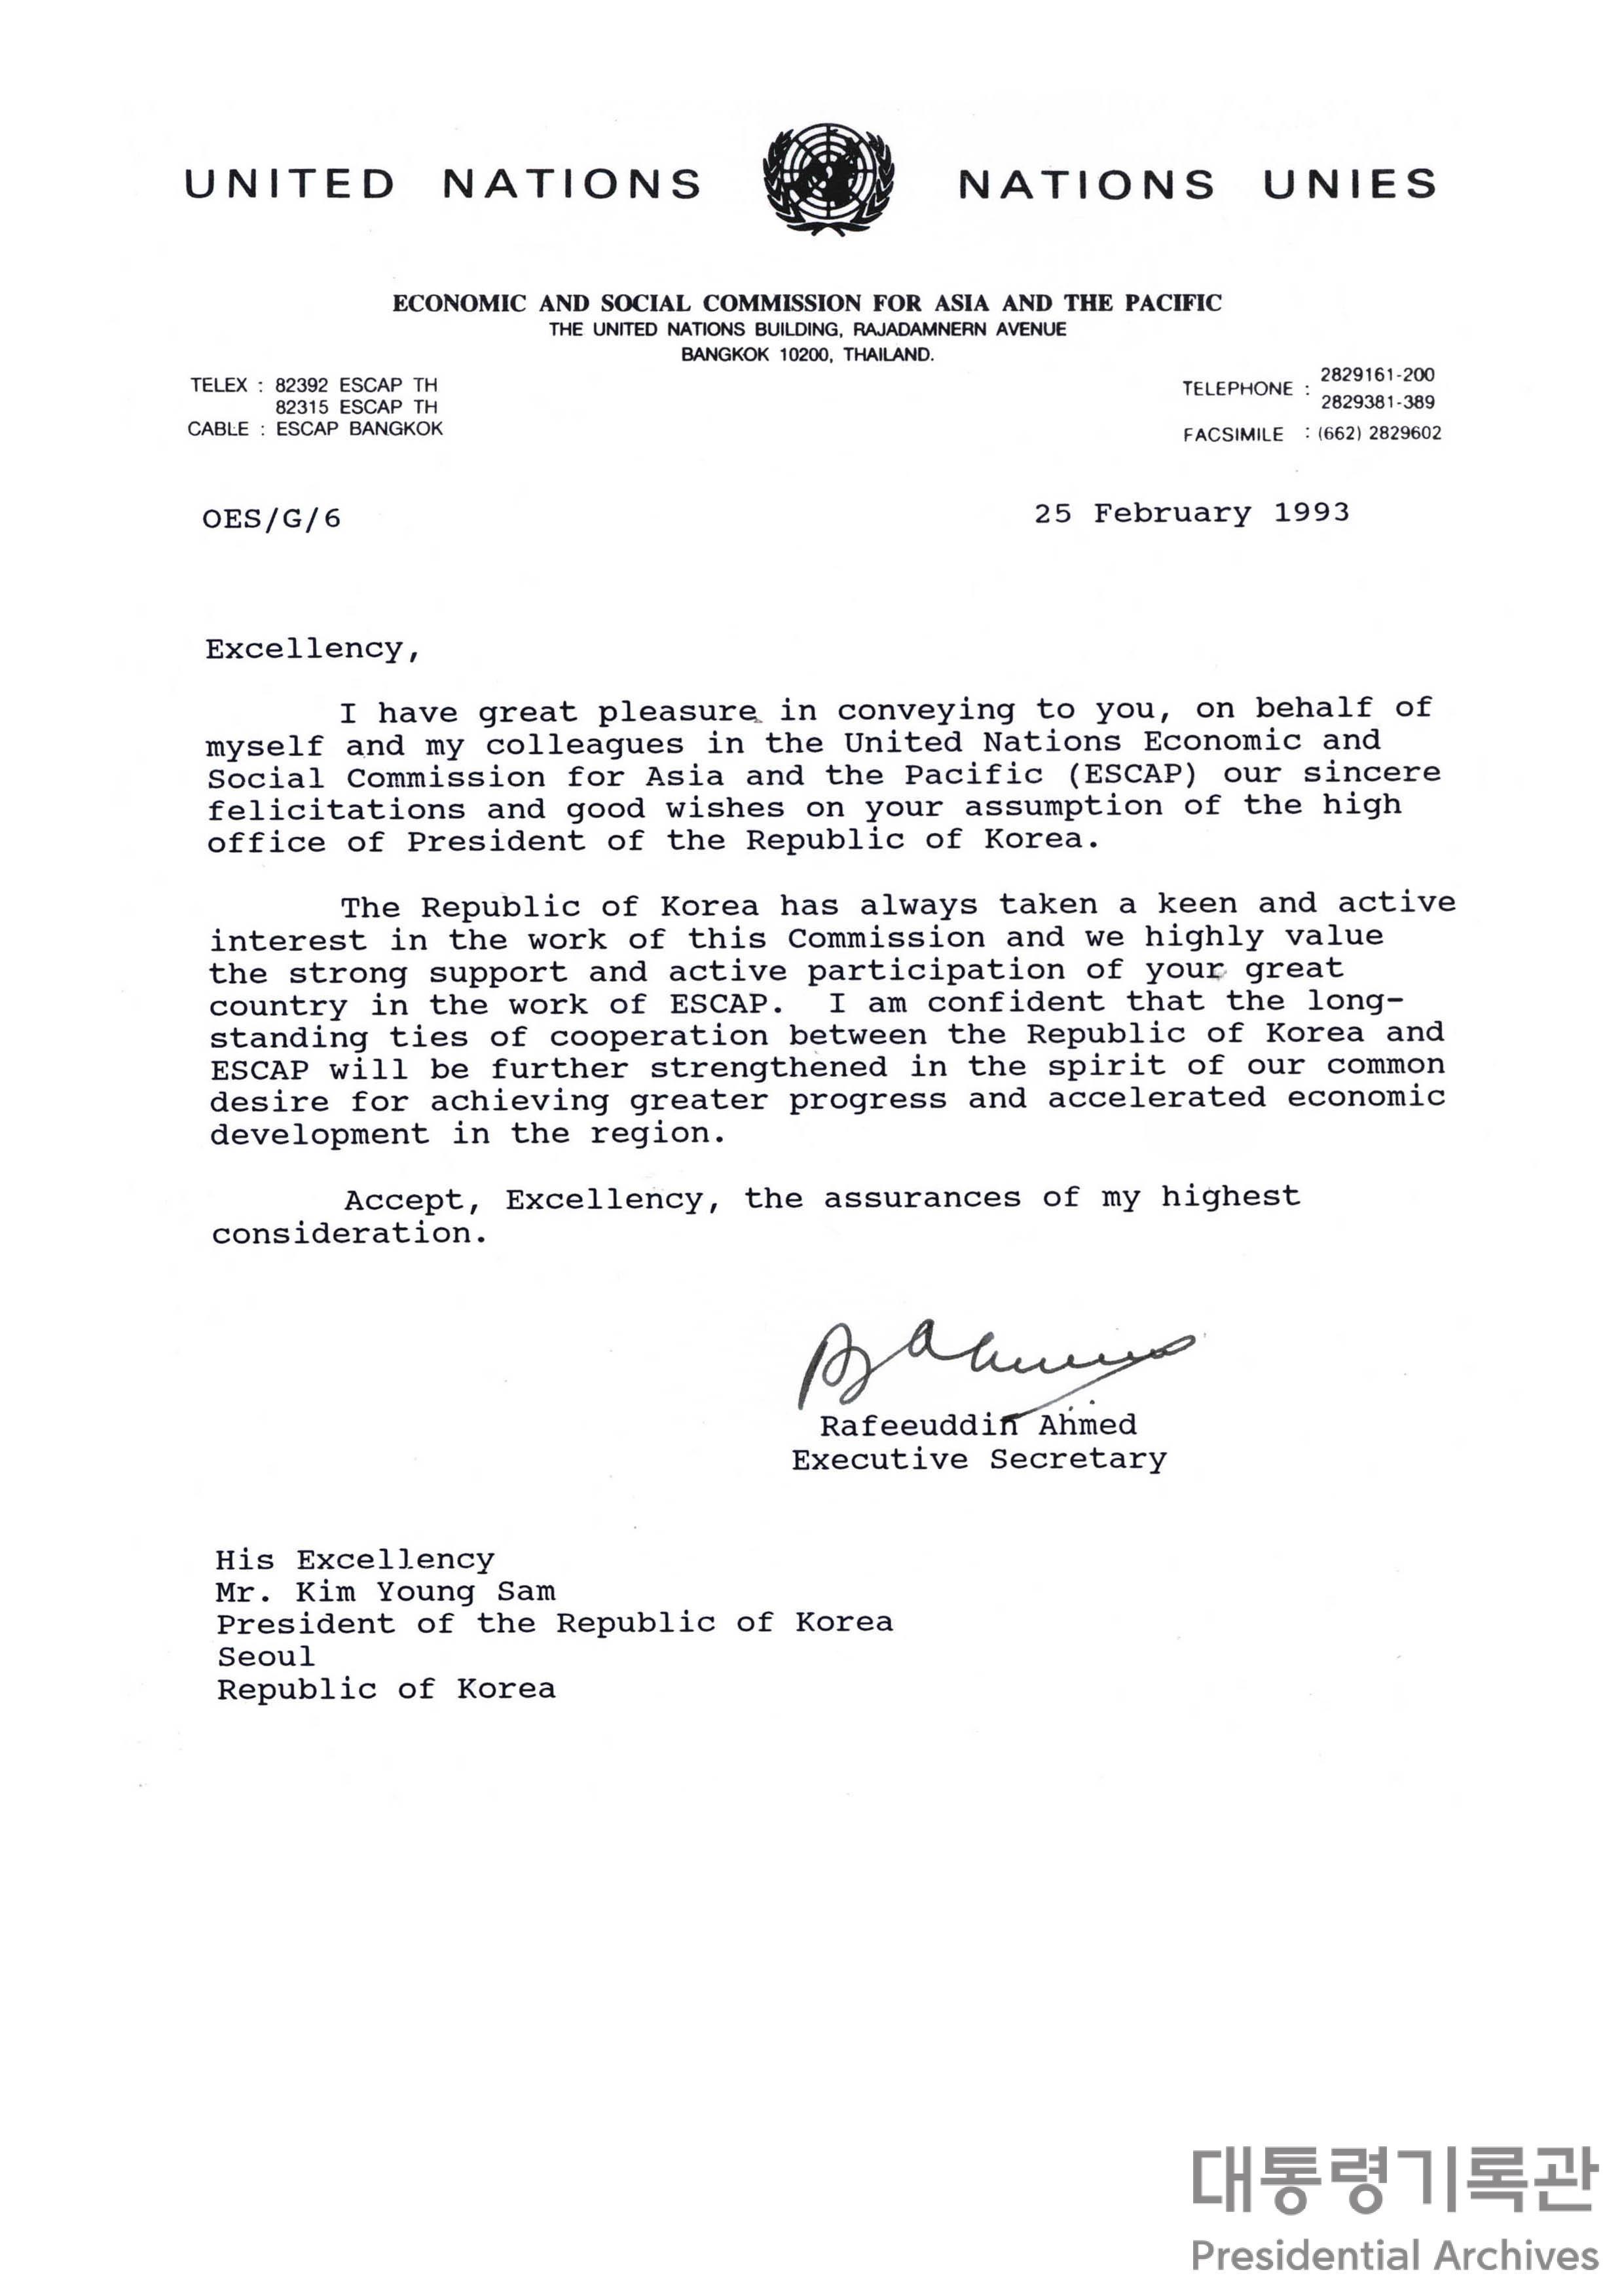 라페우딘 아메드(Rafeeuddin Ahmed) UN사무총장이 김영삼 대통령에 보낸 서한